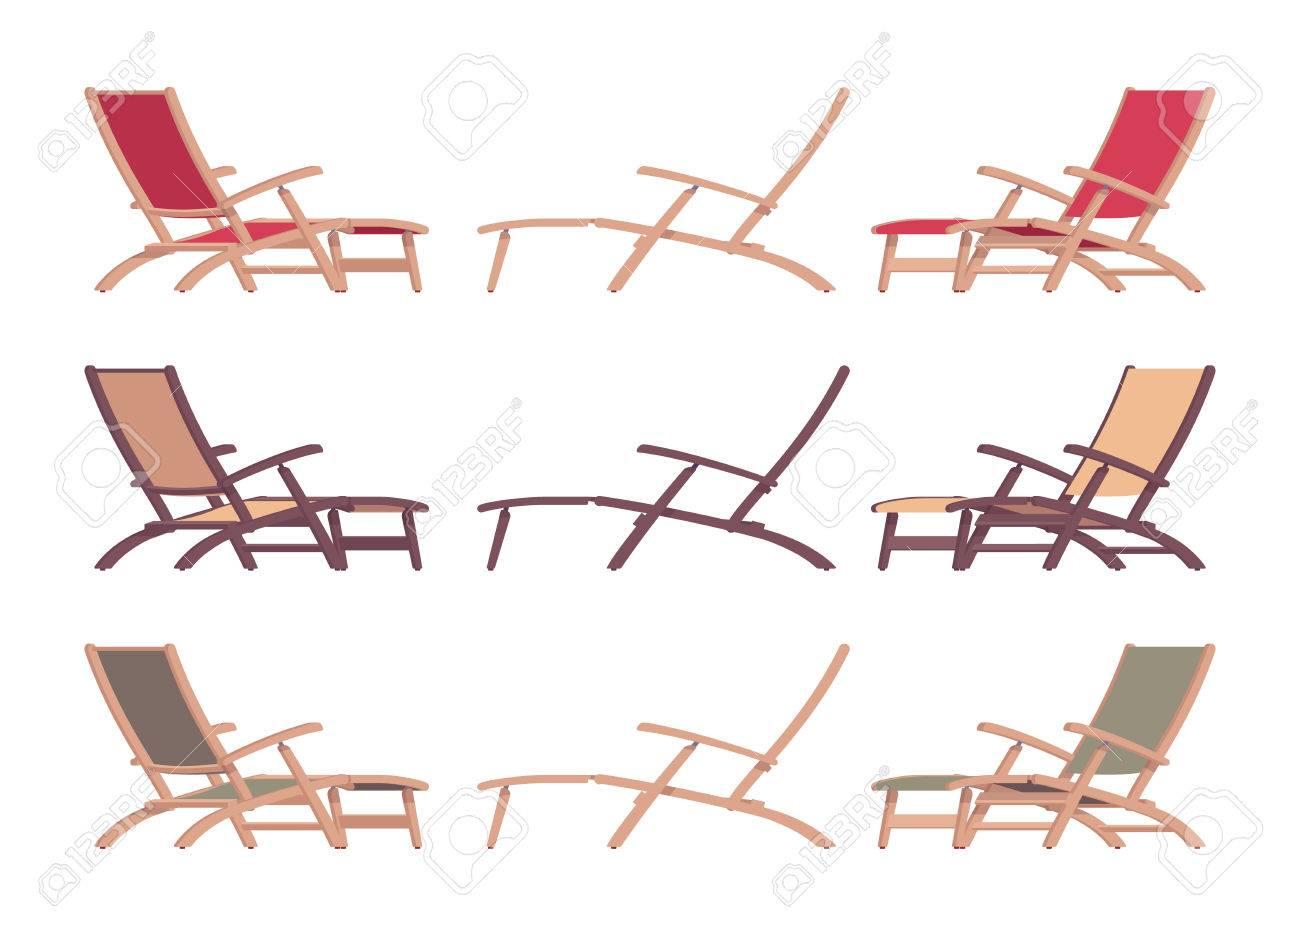 Ensemble chaise longue, canapé long, chaise pliante confortable pour piscine extérieure, plage de sable ou terrasse pour profiter du soleil d'été et